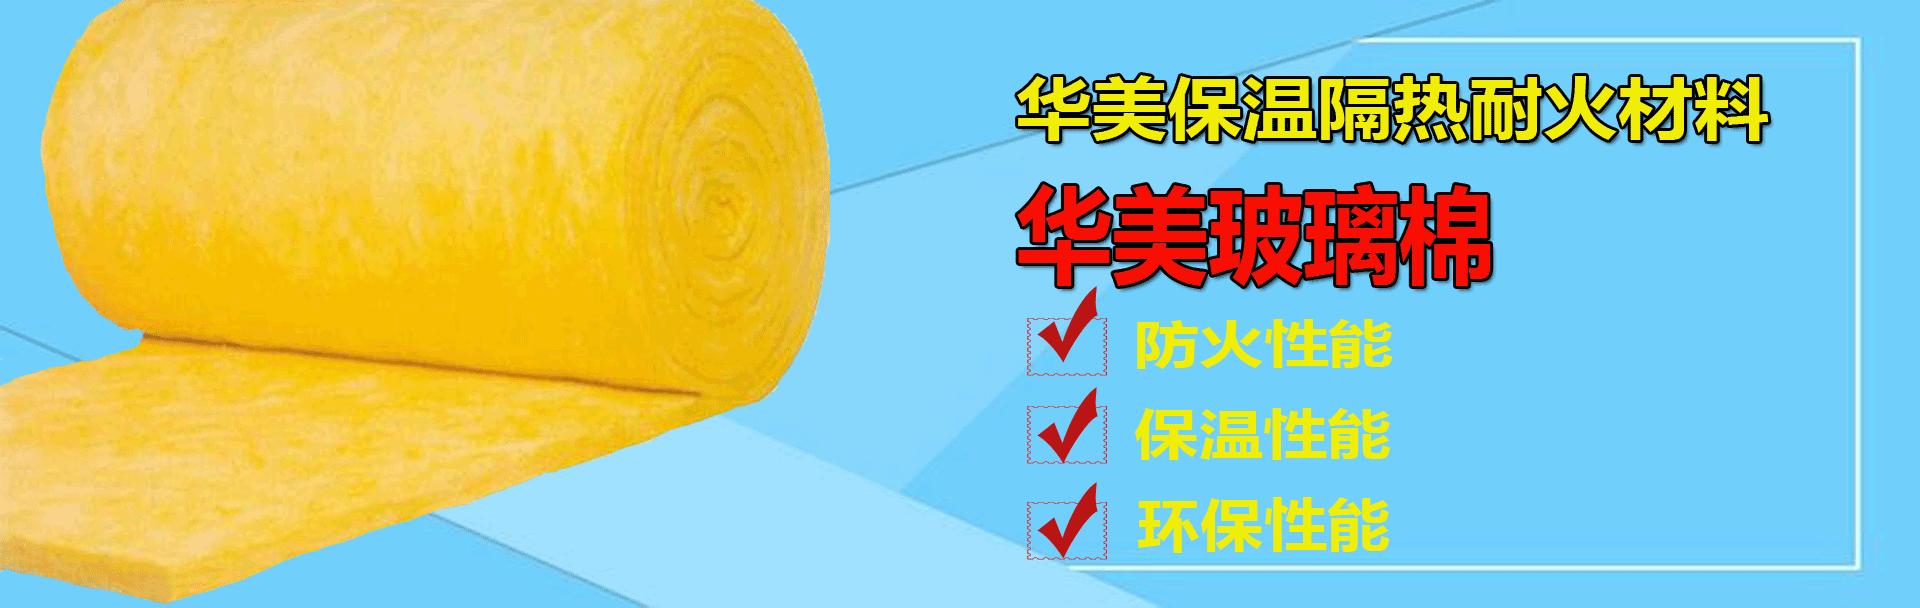 海南保温材料